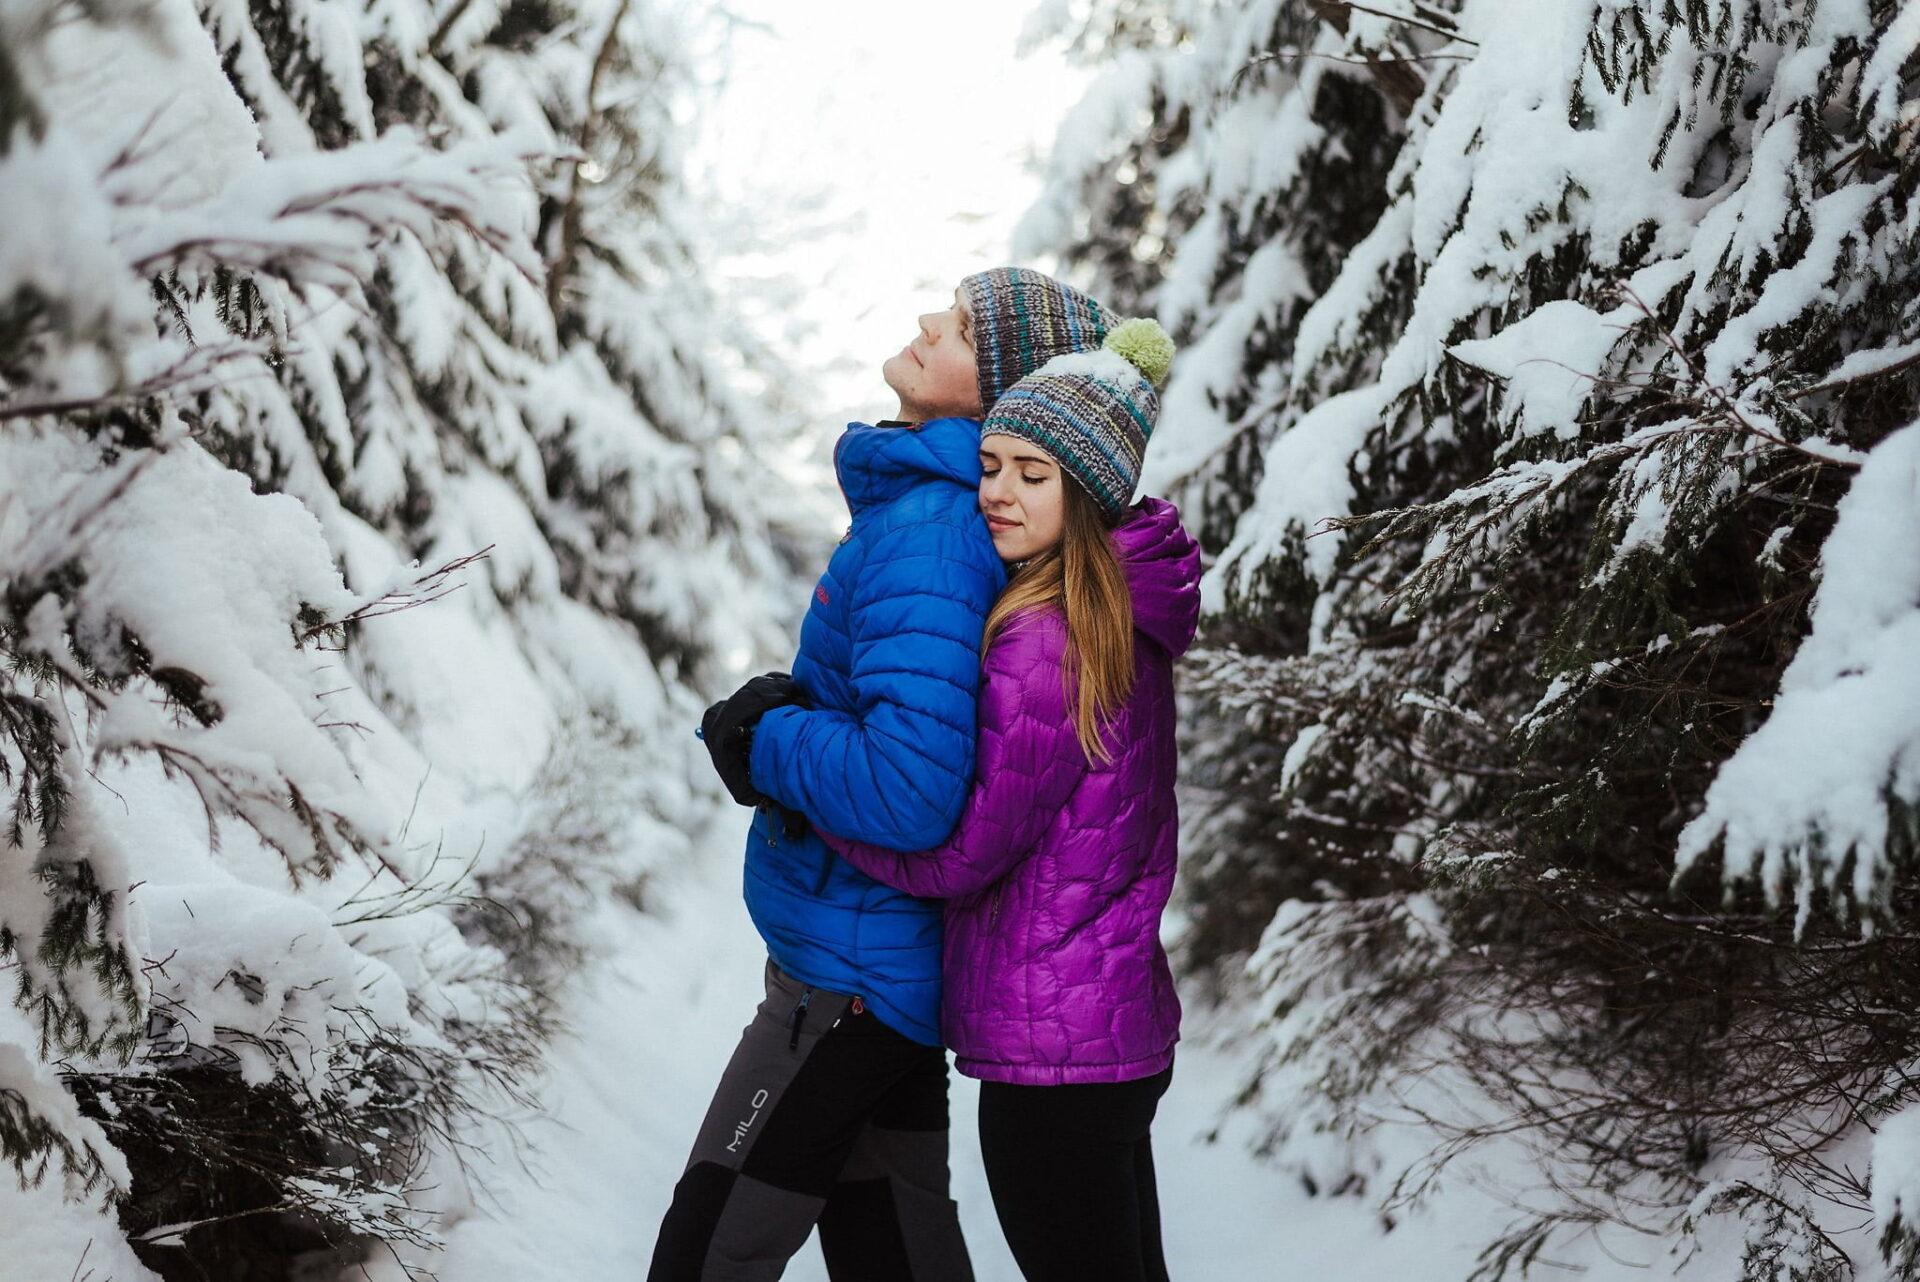 Zimowa sesja narzeczeńska w górach 11